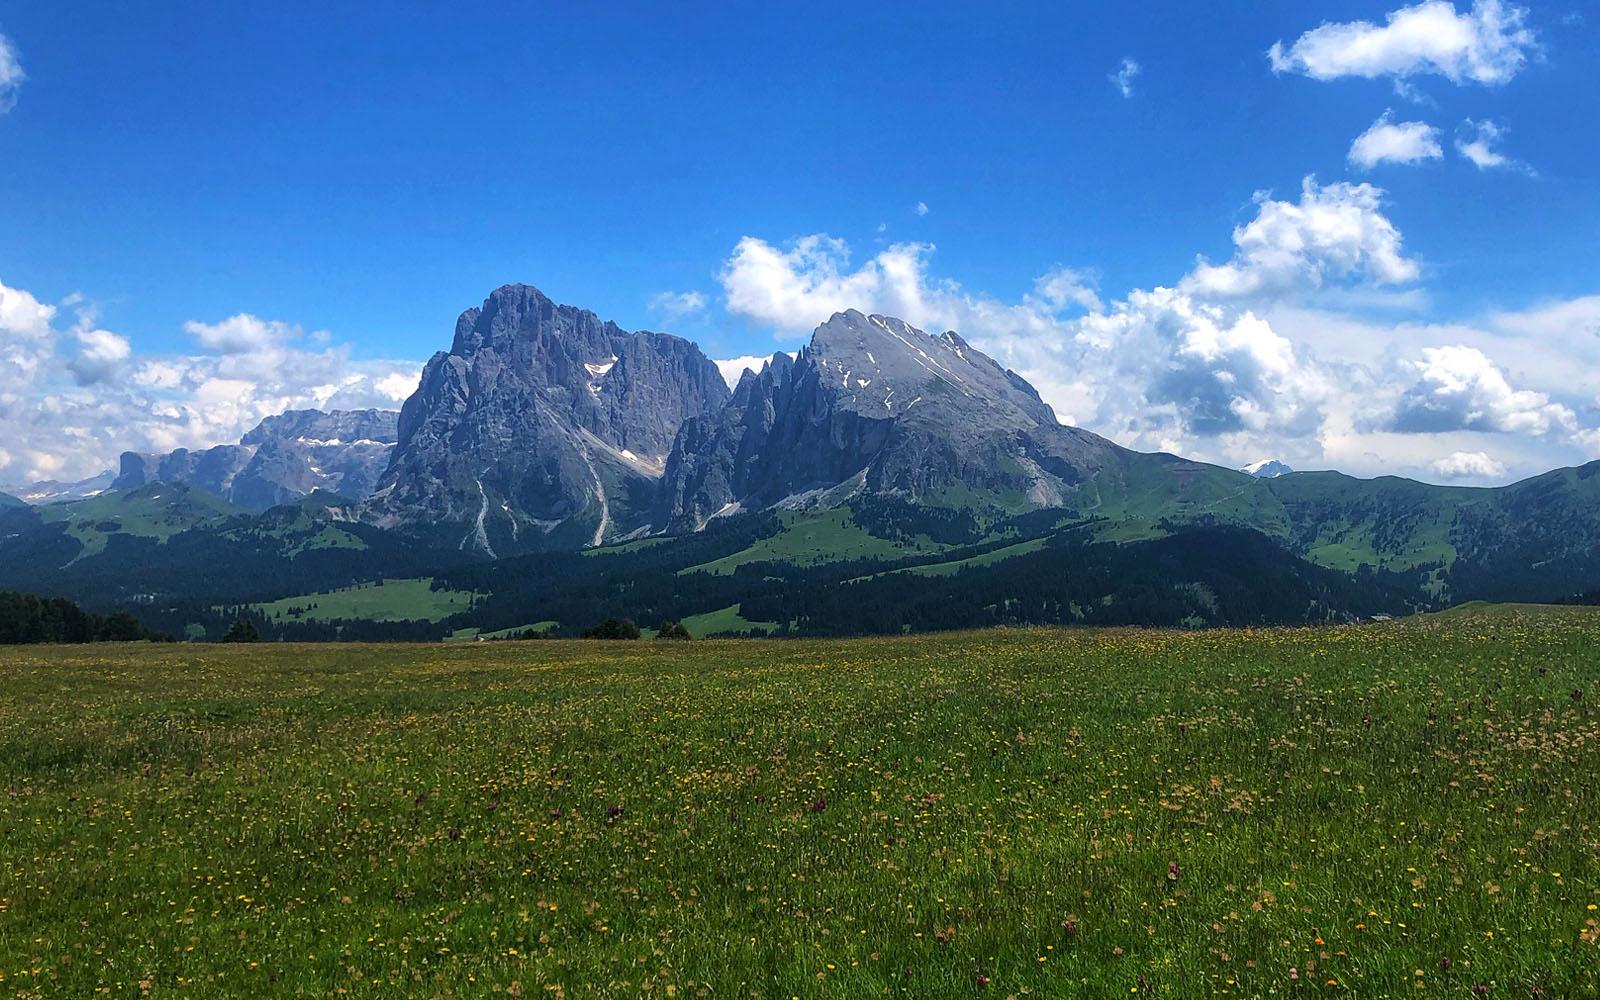 Veduta del Sassolungo e del Sassopiatto dall'Alpe di Siusi.